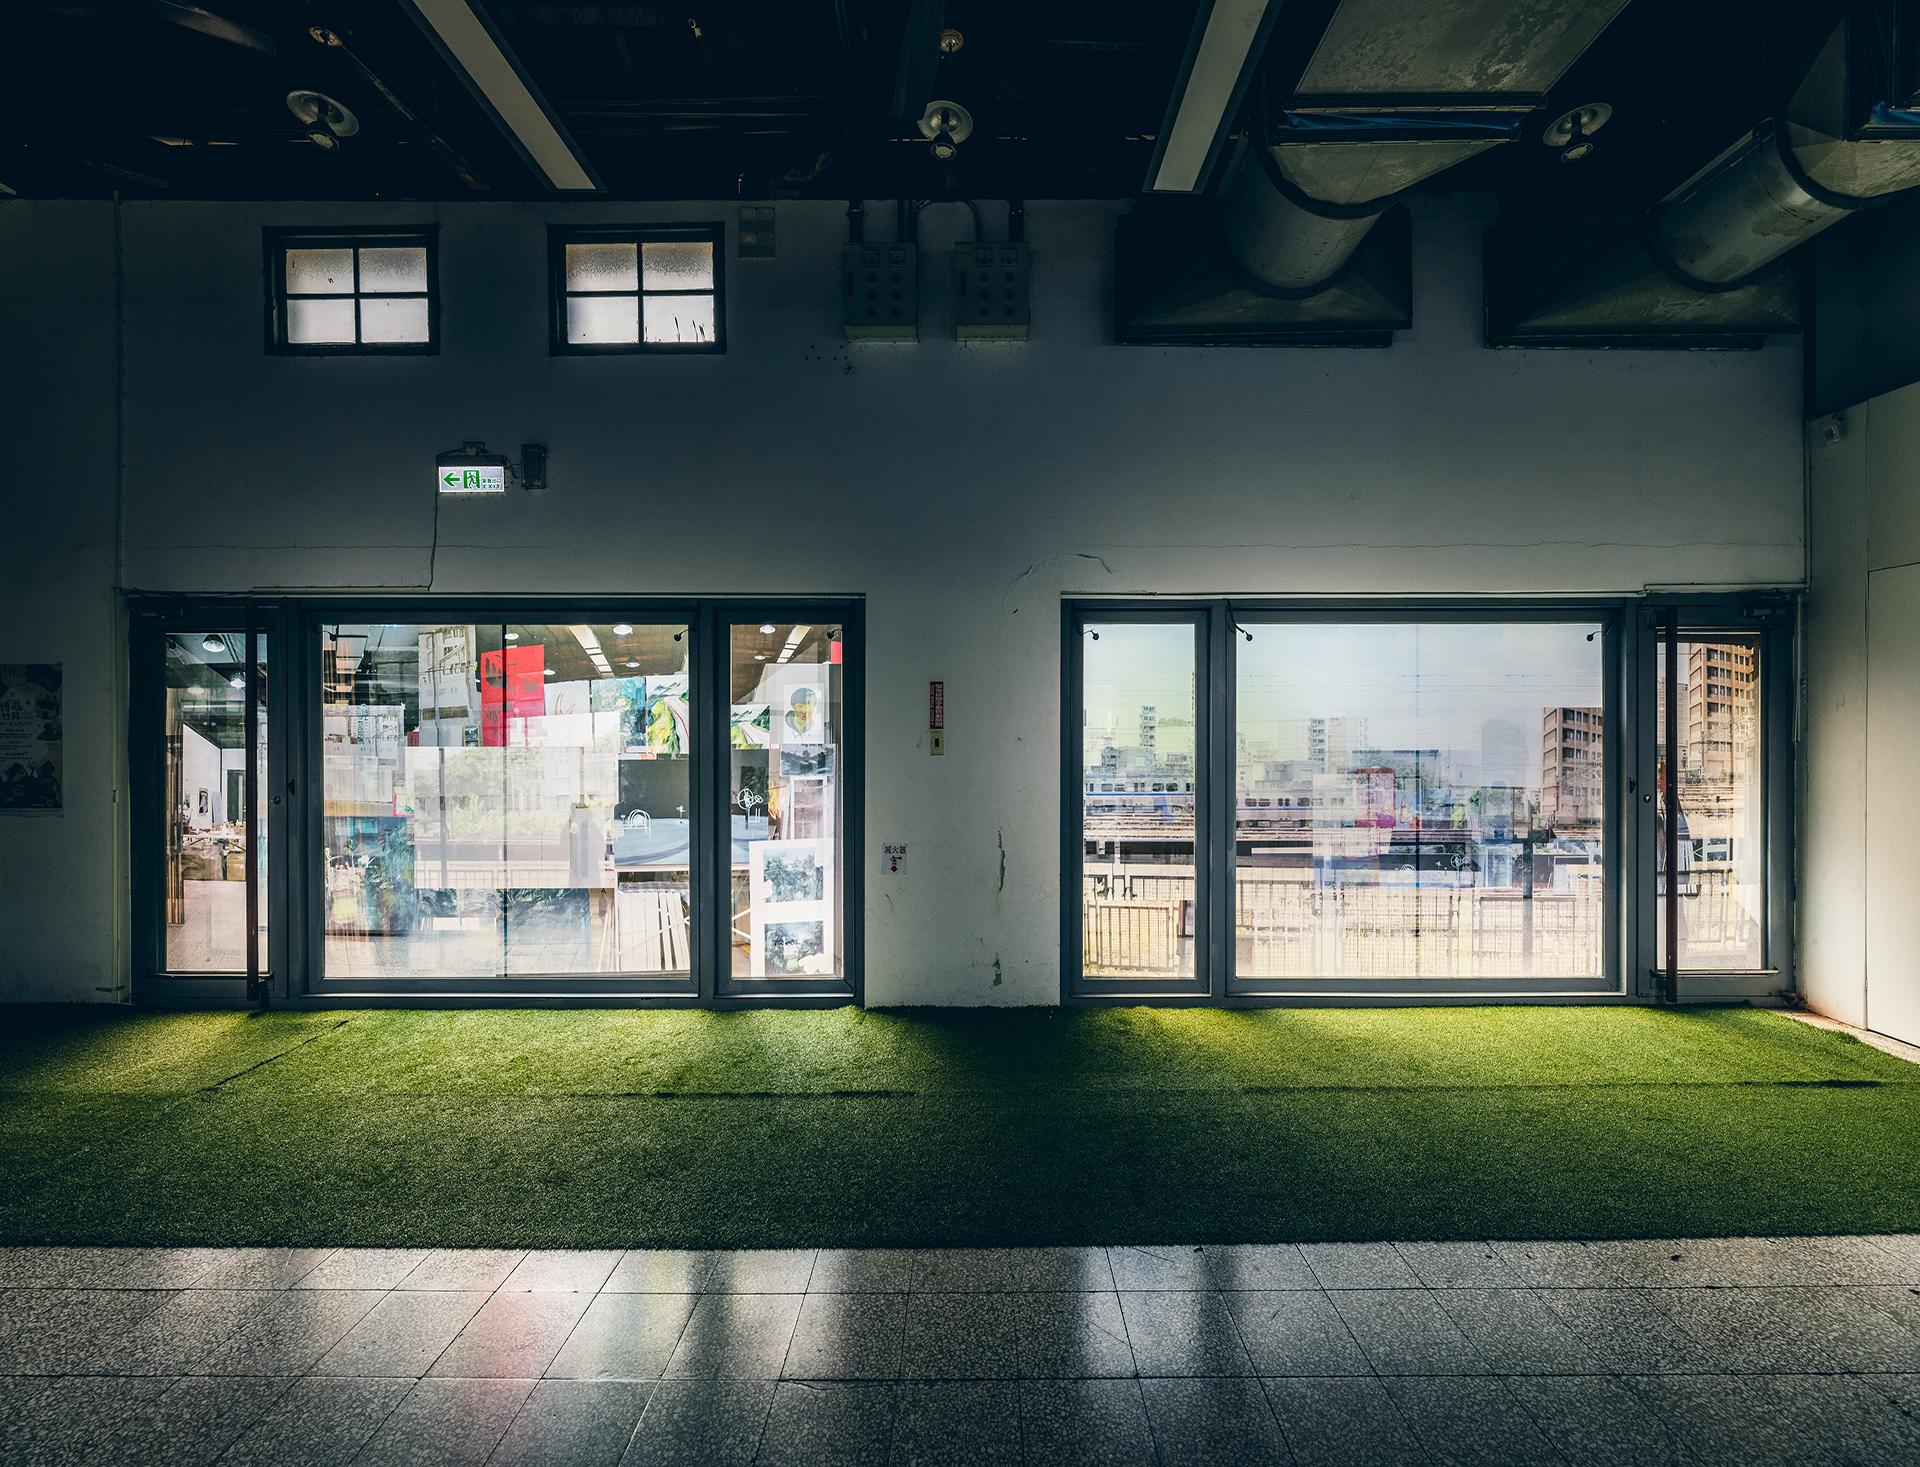 A5 4號倉庫的風景嫁接 Landscape graftage of warehouse number 4